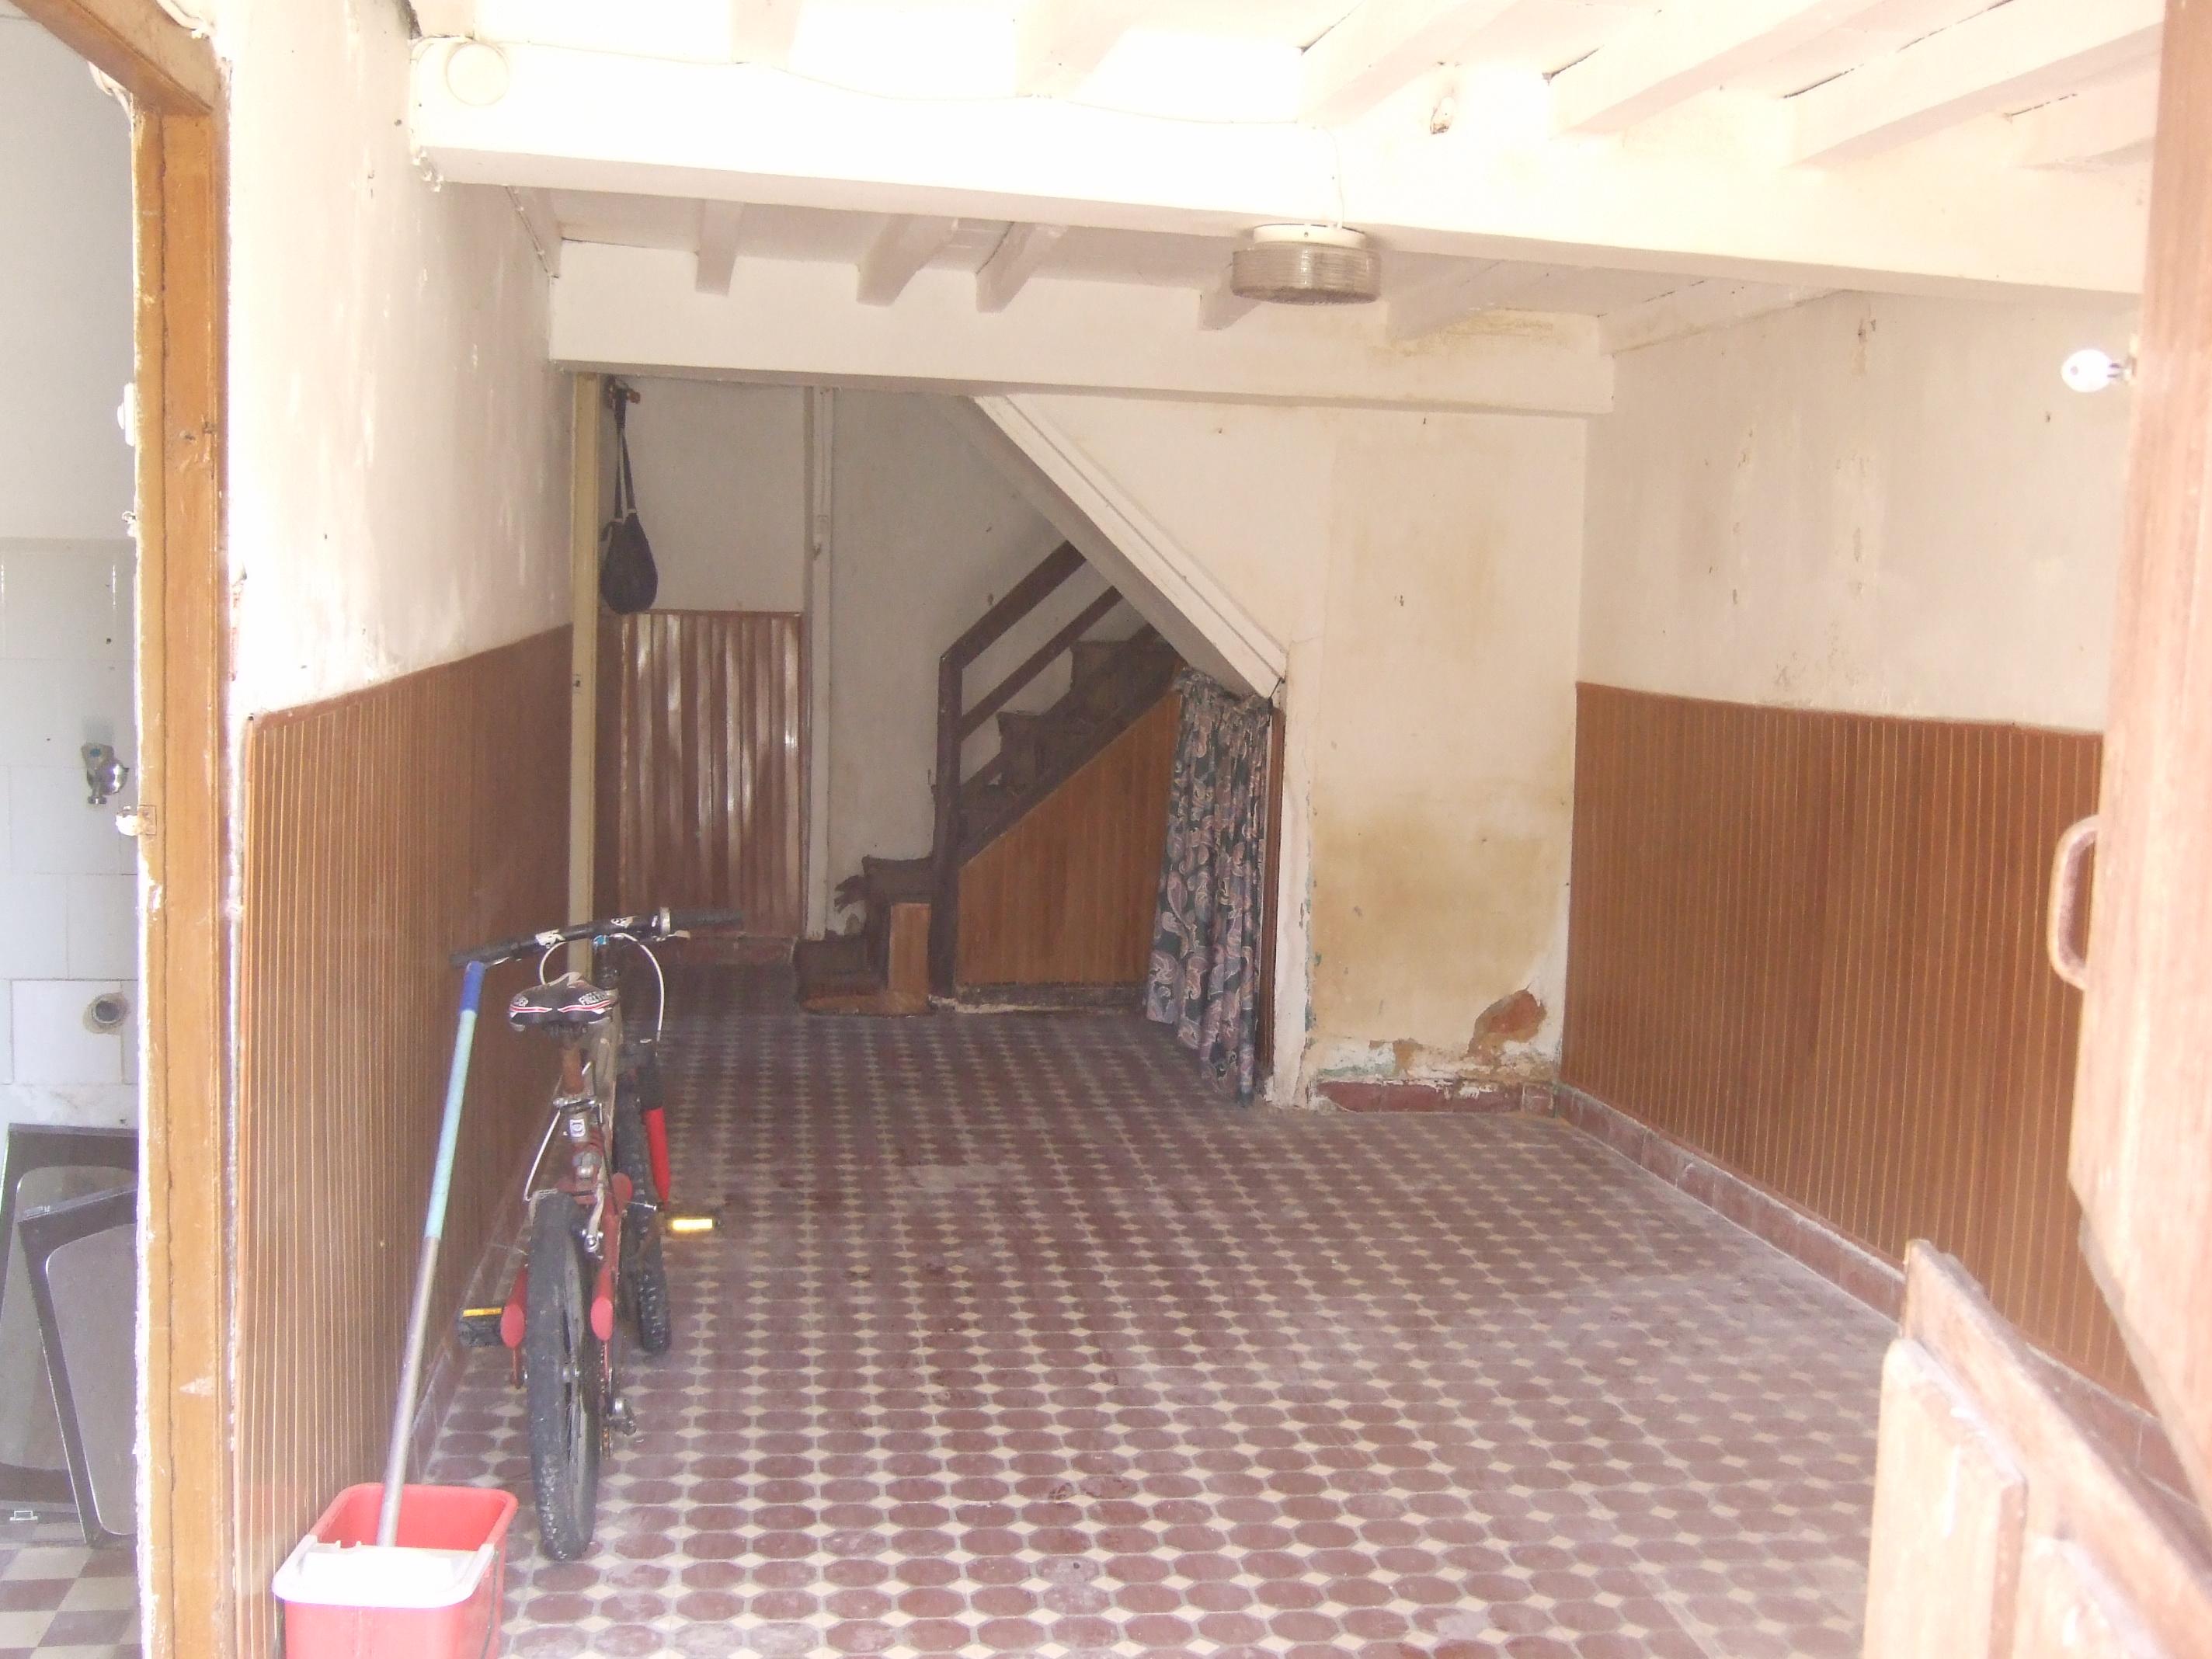 Casa con terreno para rehabilitar en gandarillafuennova for Rehabilitar casa